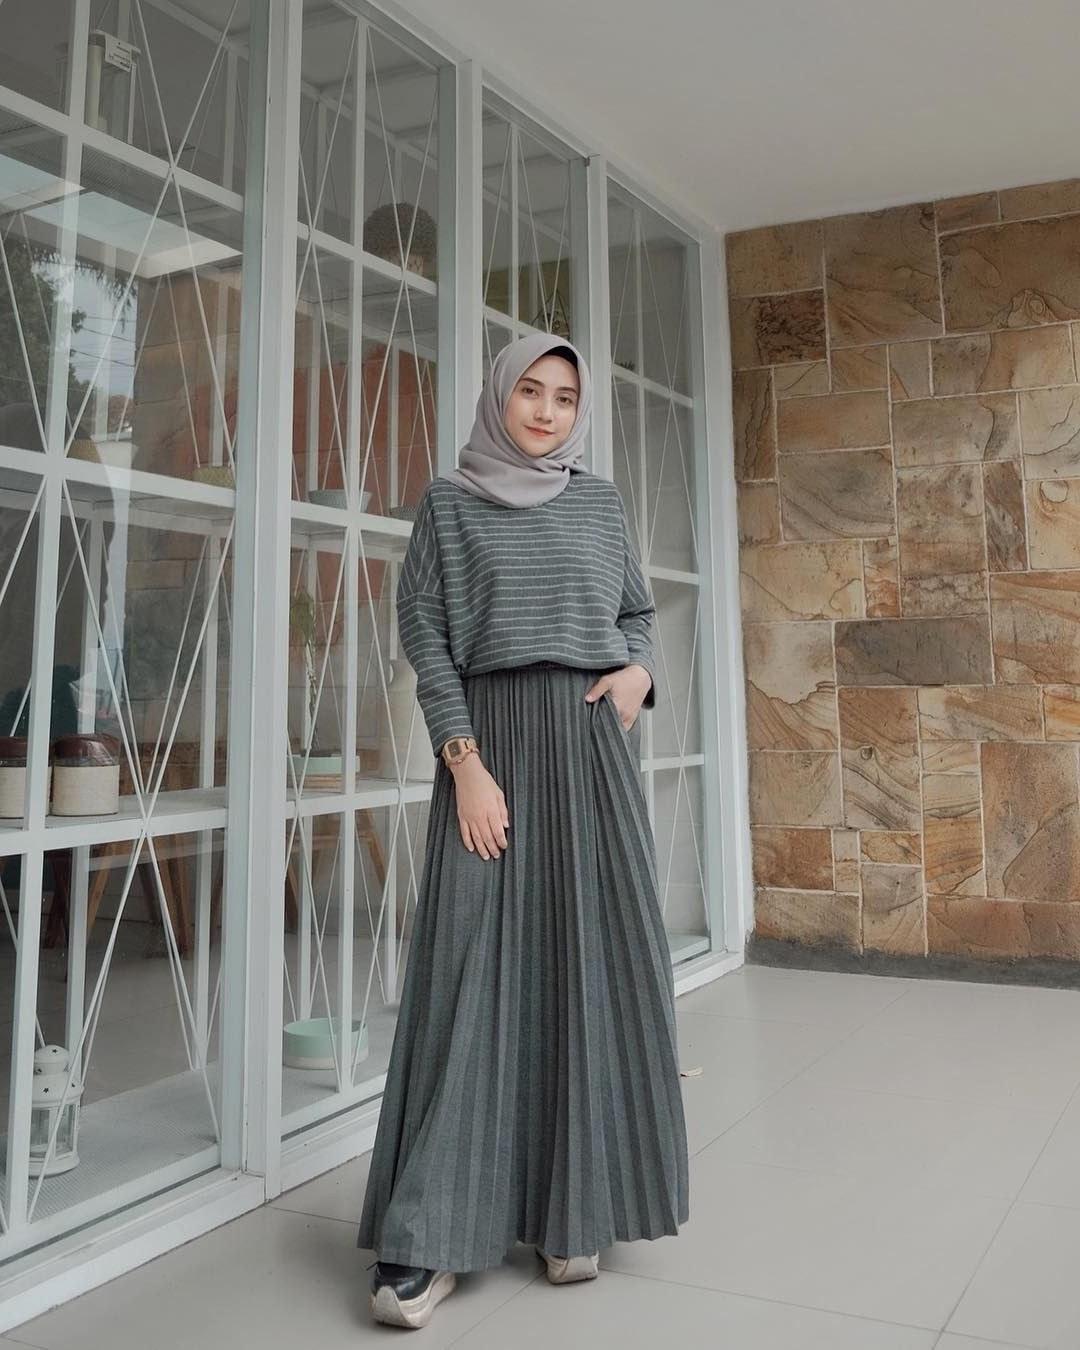 Inspirasi Baju Lebaran Casual 2019 Wddj Baju Muslim Lebaran Terbaru 2019 Dengan Gambar